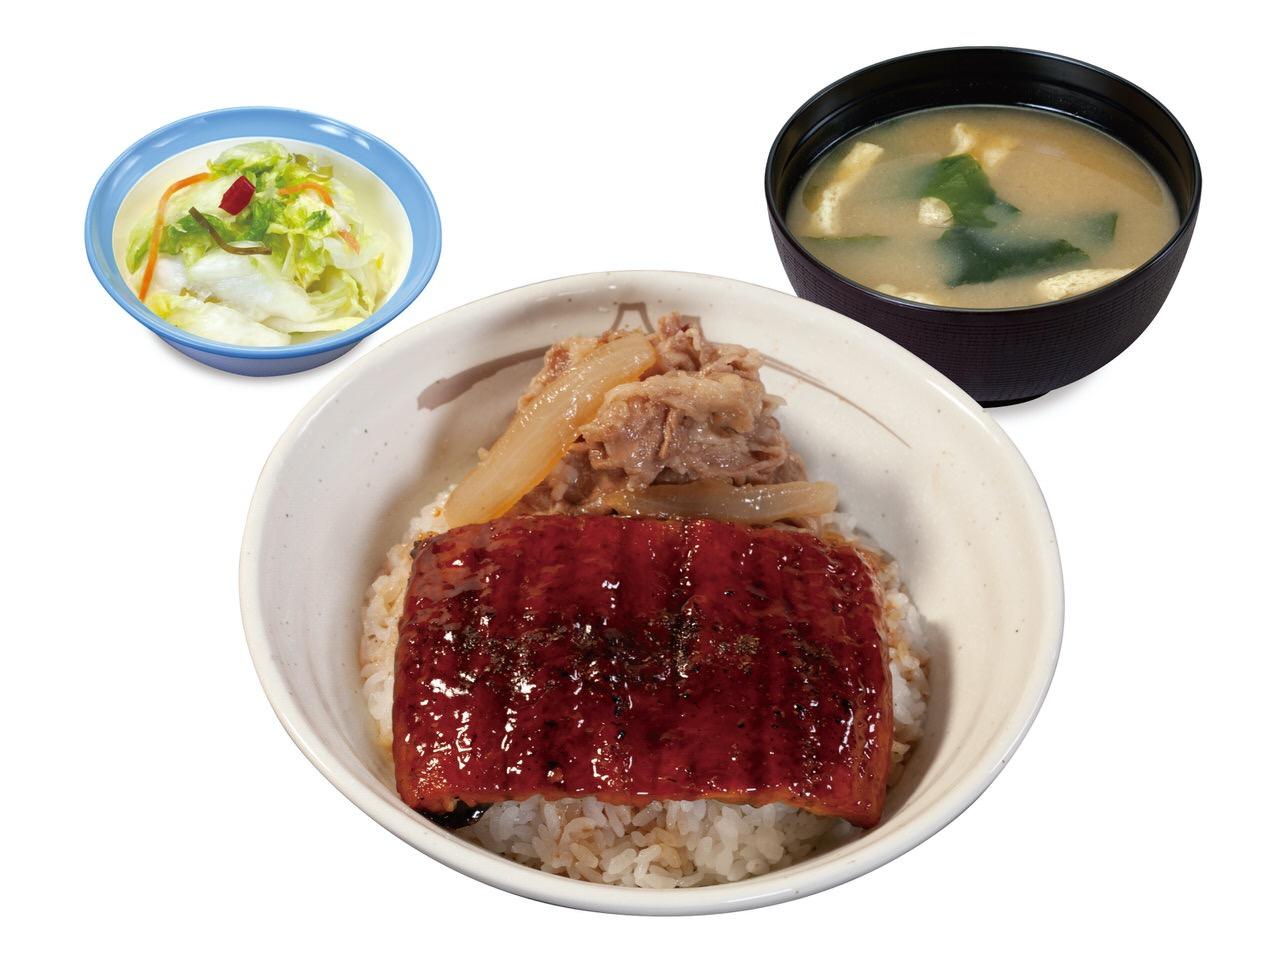 【松屋】松屋特製うなぎダレをかけた「うな丼」発売(7/14〜)